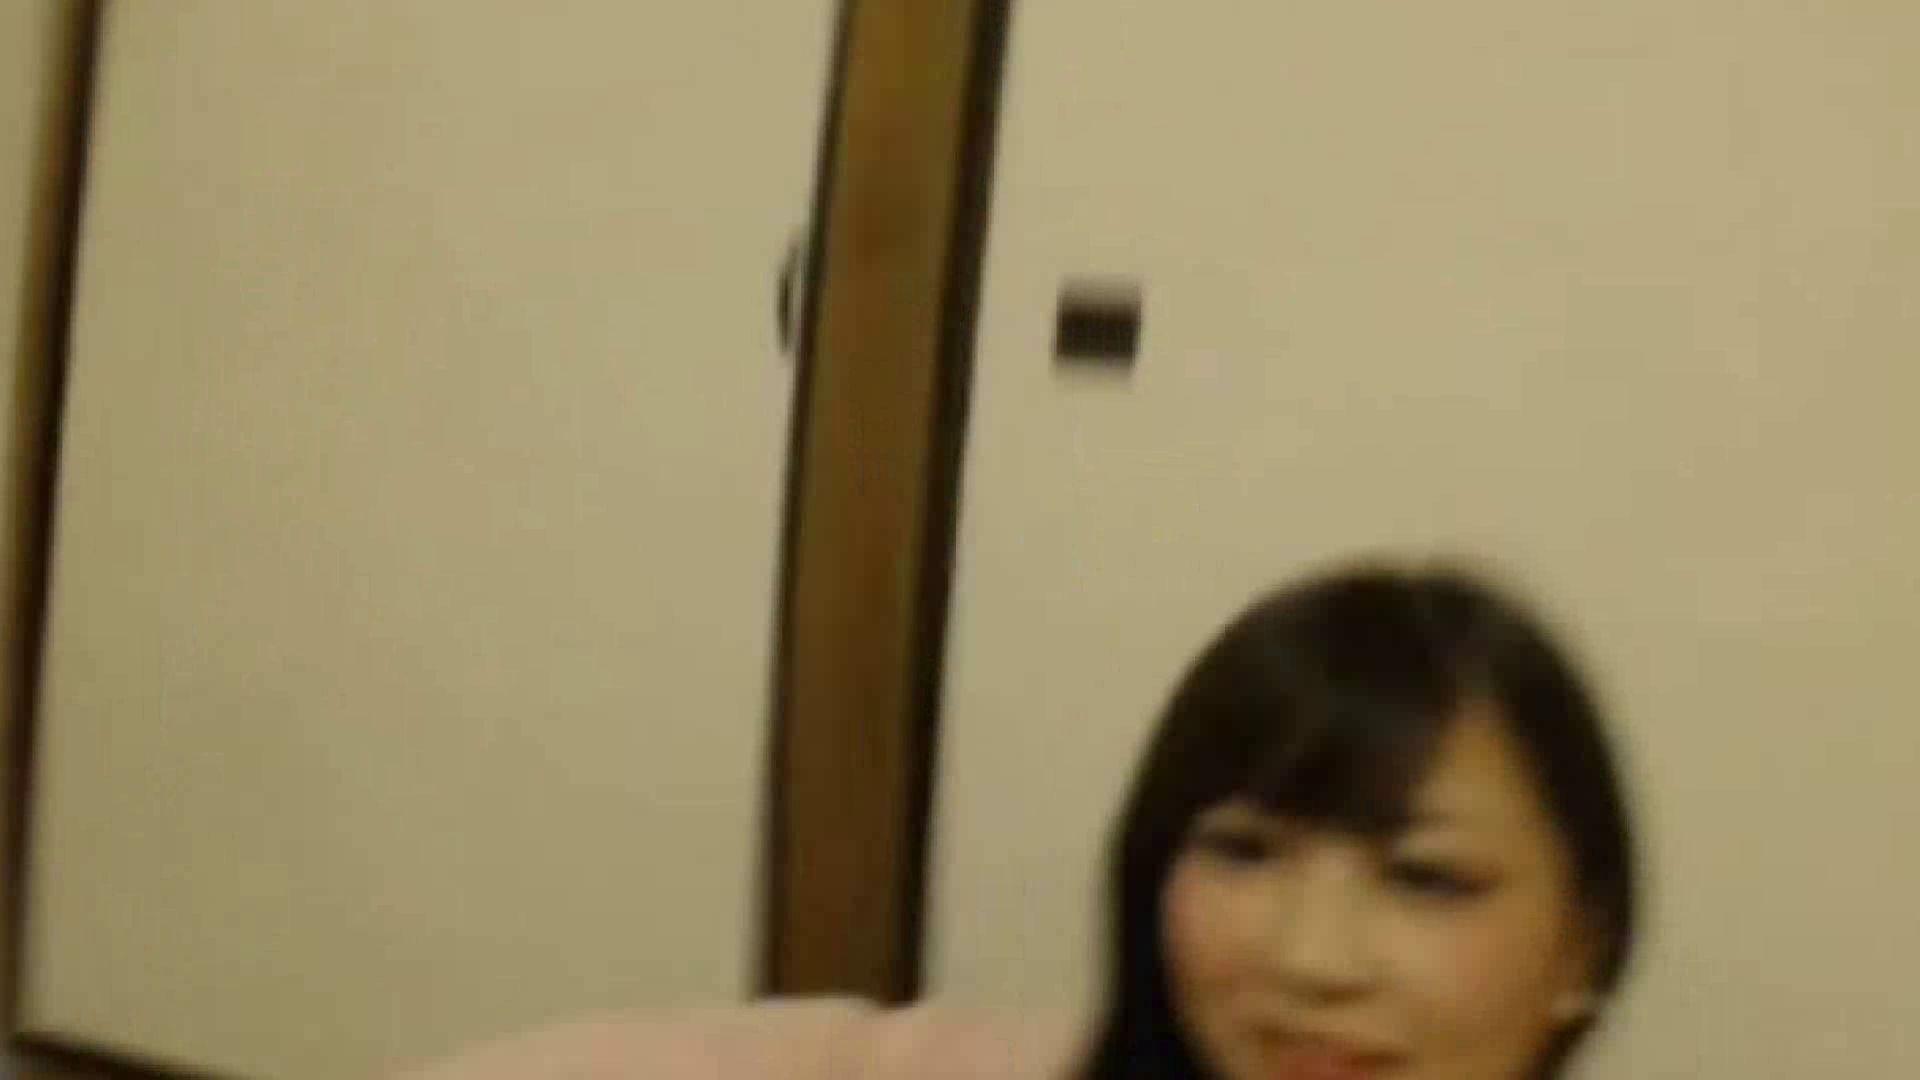 ギャルとハメハメ生チャット!Vol.21前編 小悪魔ギャル オメコ動画キャプチャ 85連発 11